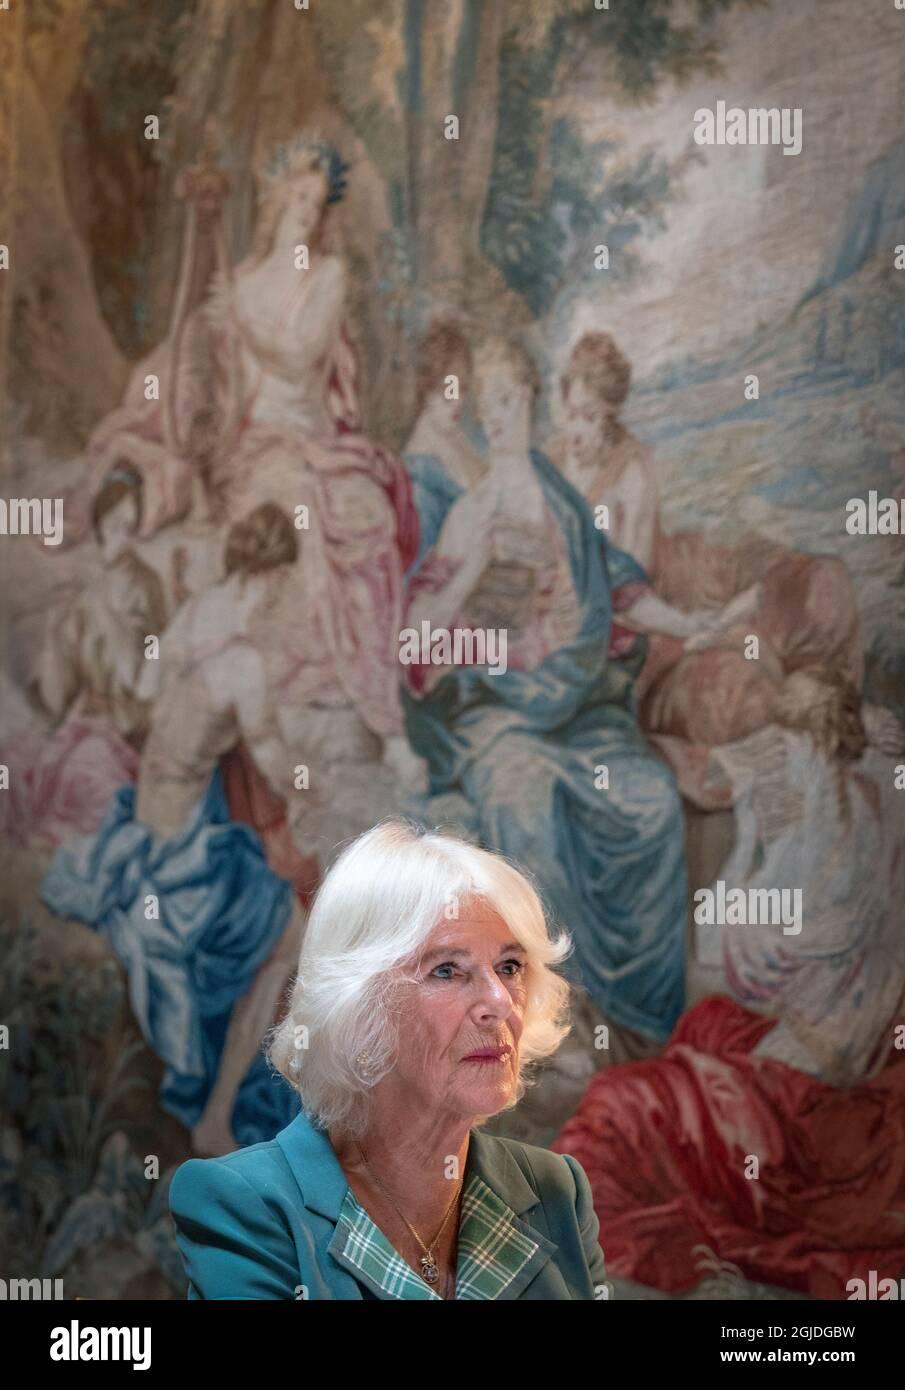 La duchessa di Cornovaglia, conosciuta come la duchessa di Rothesay quando in Scozia, partecipa a una sessione di mentoring femminile nel giornalismo e a una discussione di gruppo alla Dumfries House di Cumnock, Ayrshire. Data foto: Giovedì 9 settembre 2021. Foto Stock